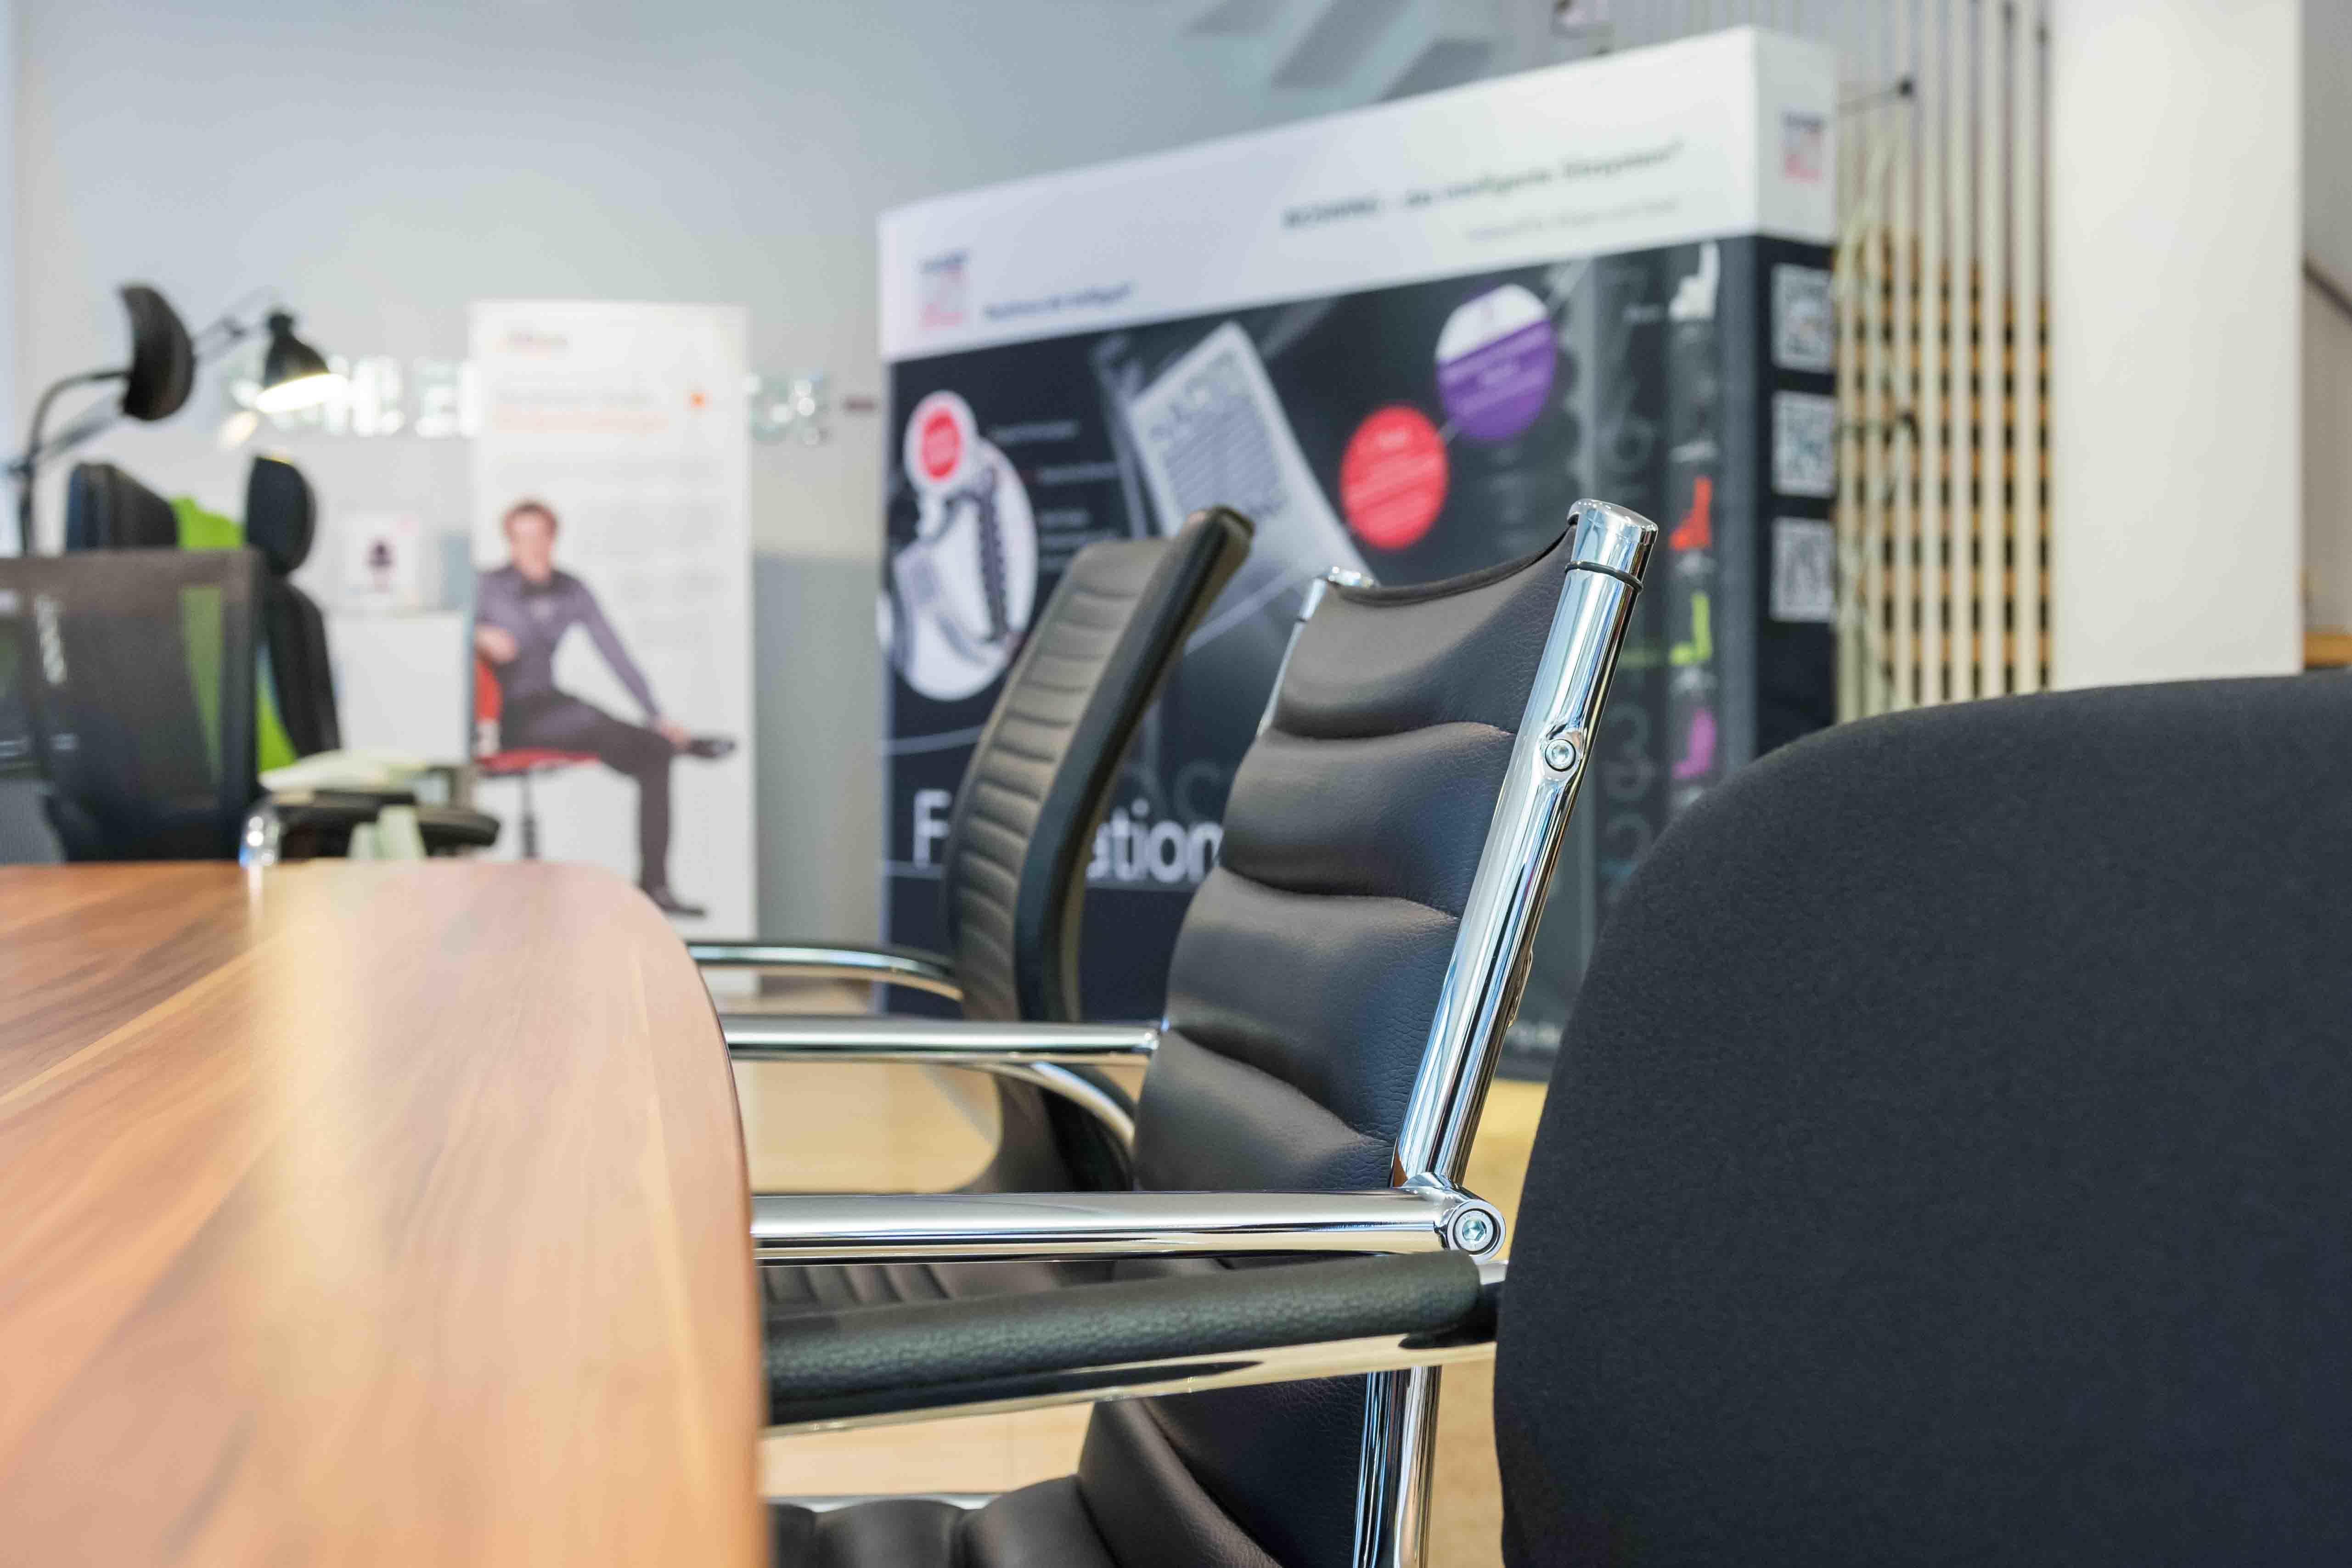 Schleef By Office Dusseldorf Berliner Allee 69 Offnungszeiten